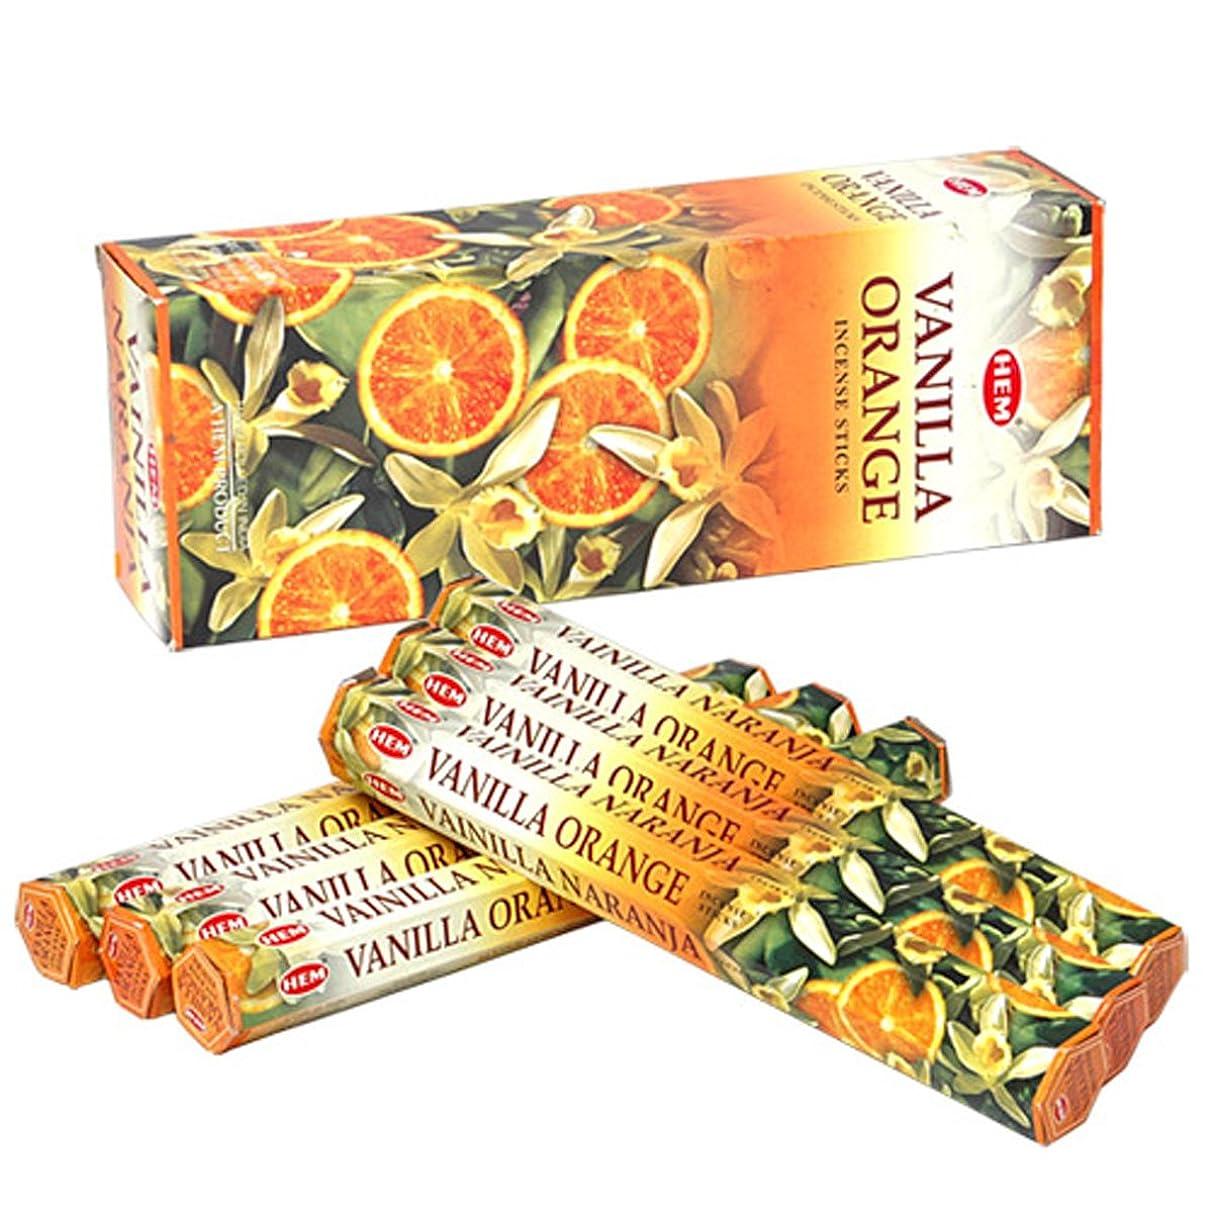 通行料金レール精神HEM(ヘム) バニラオレンジ VANILLA ORANGE スティックタイプ お香 6筒 セット [並行輸入品]